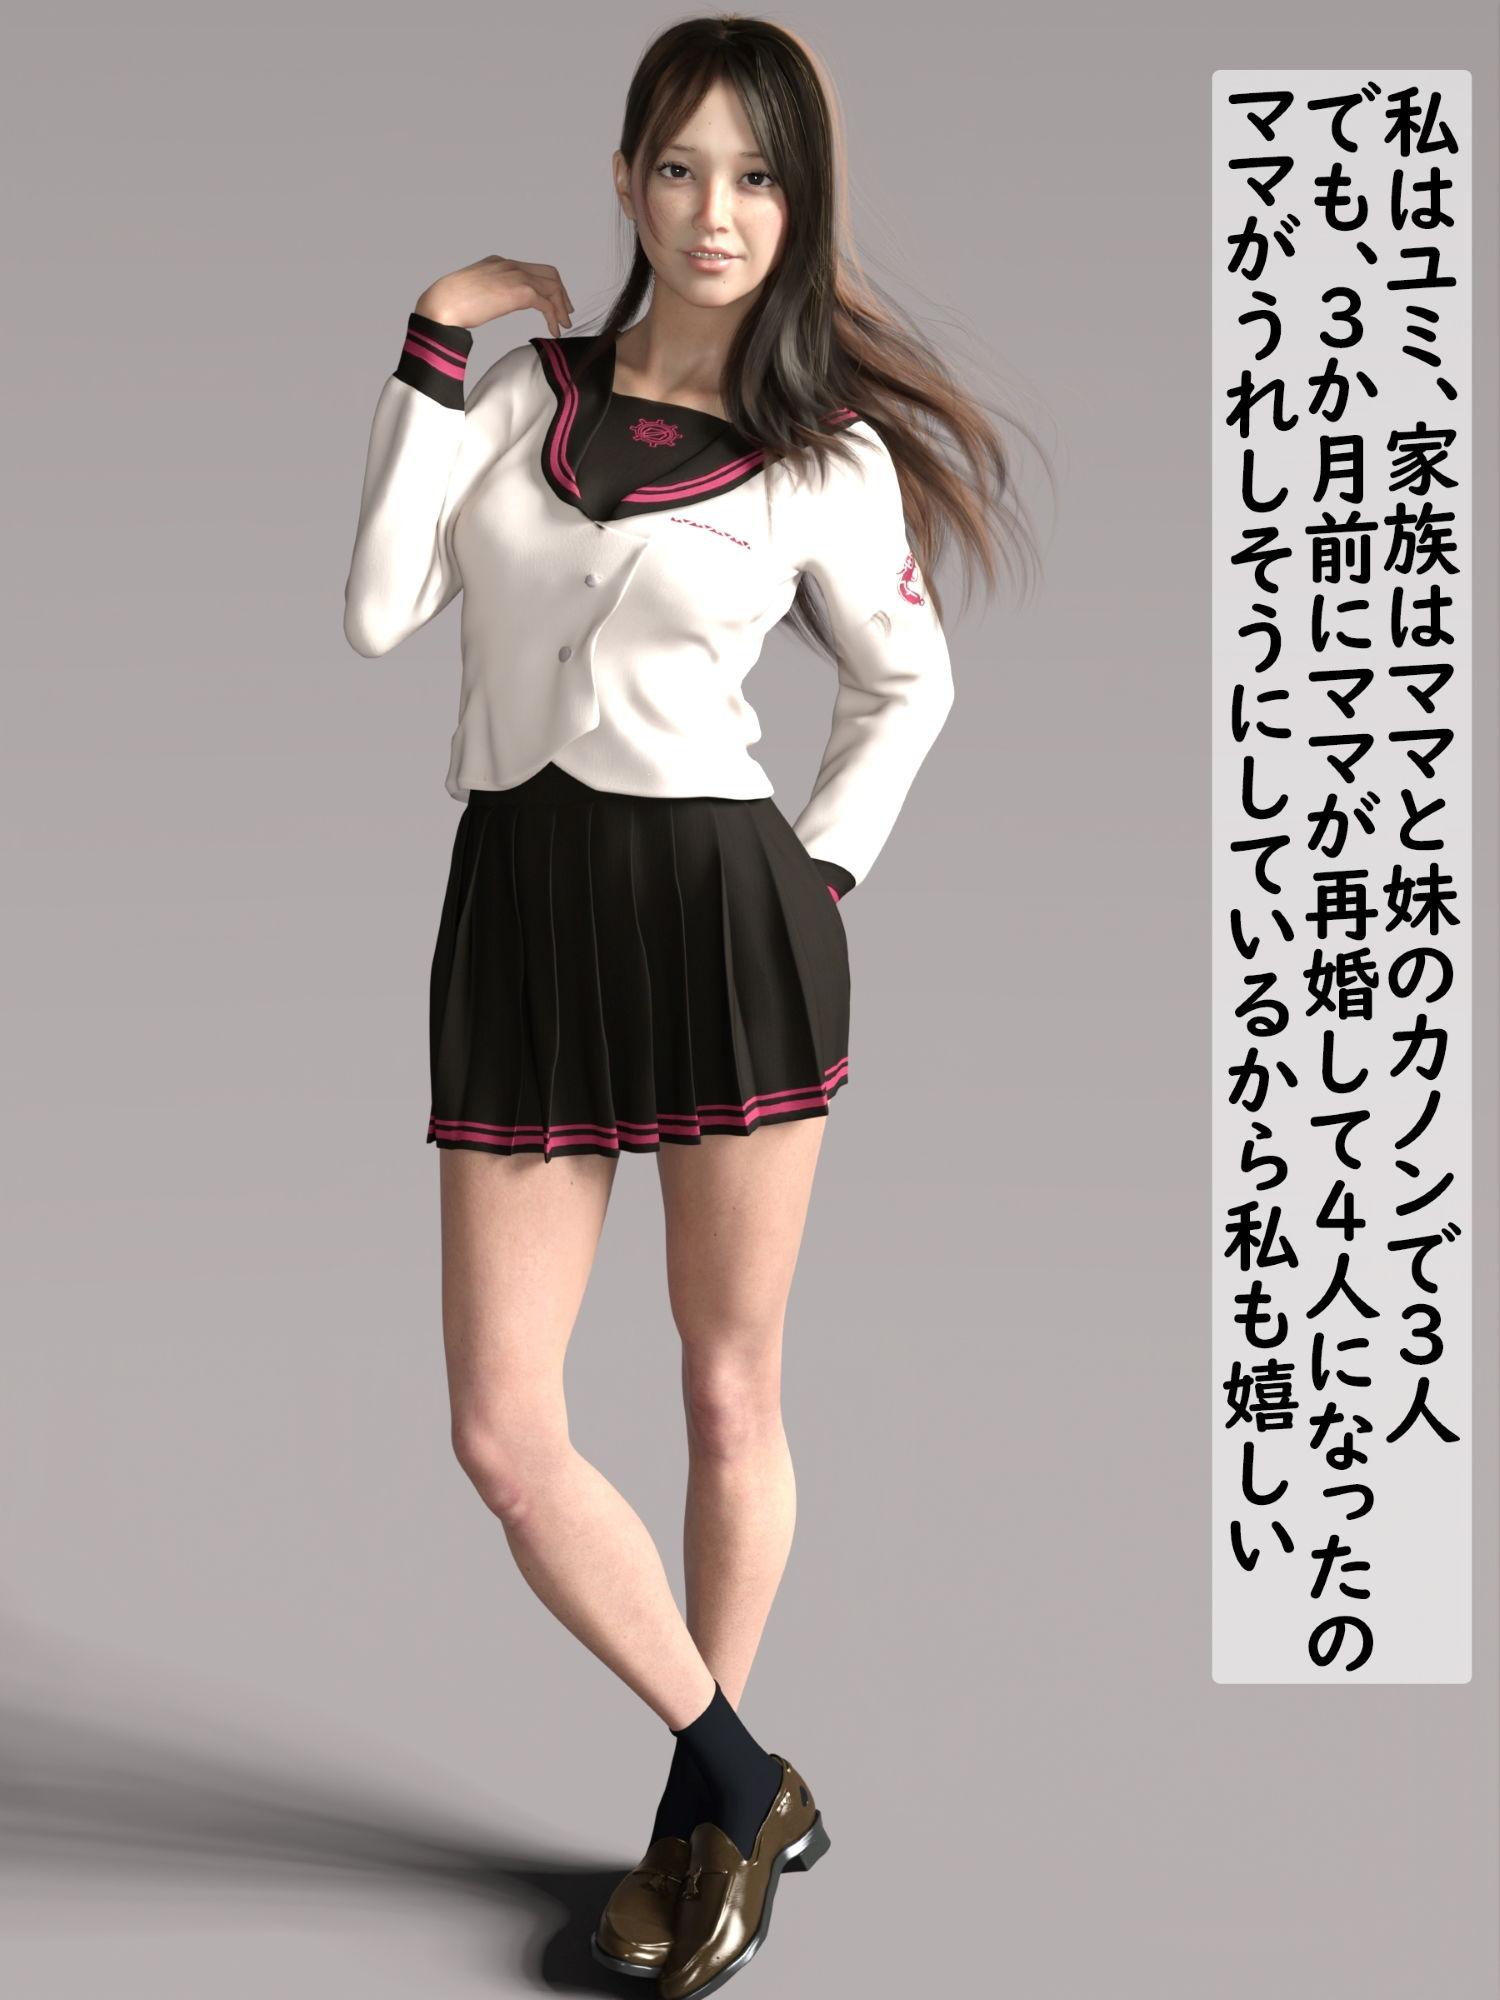 前編 姉ユミ 美人姉妹とゲス義父1